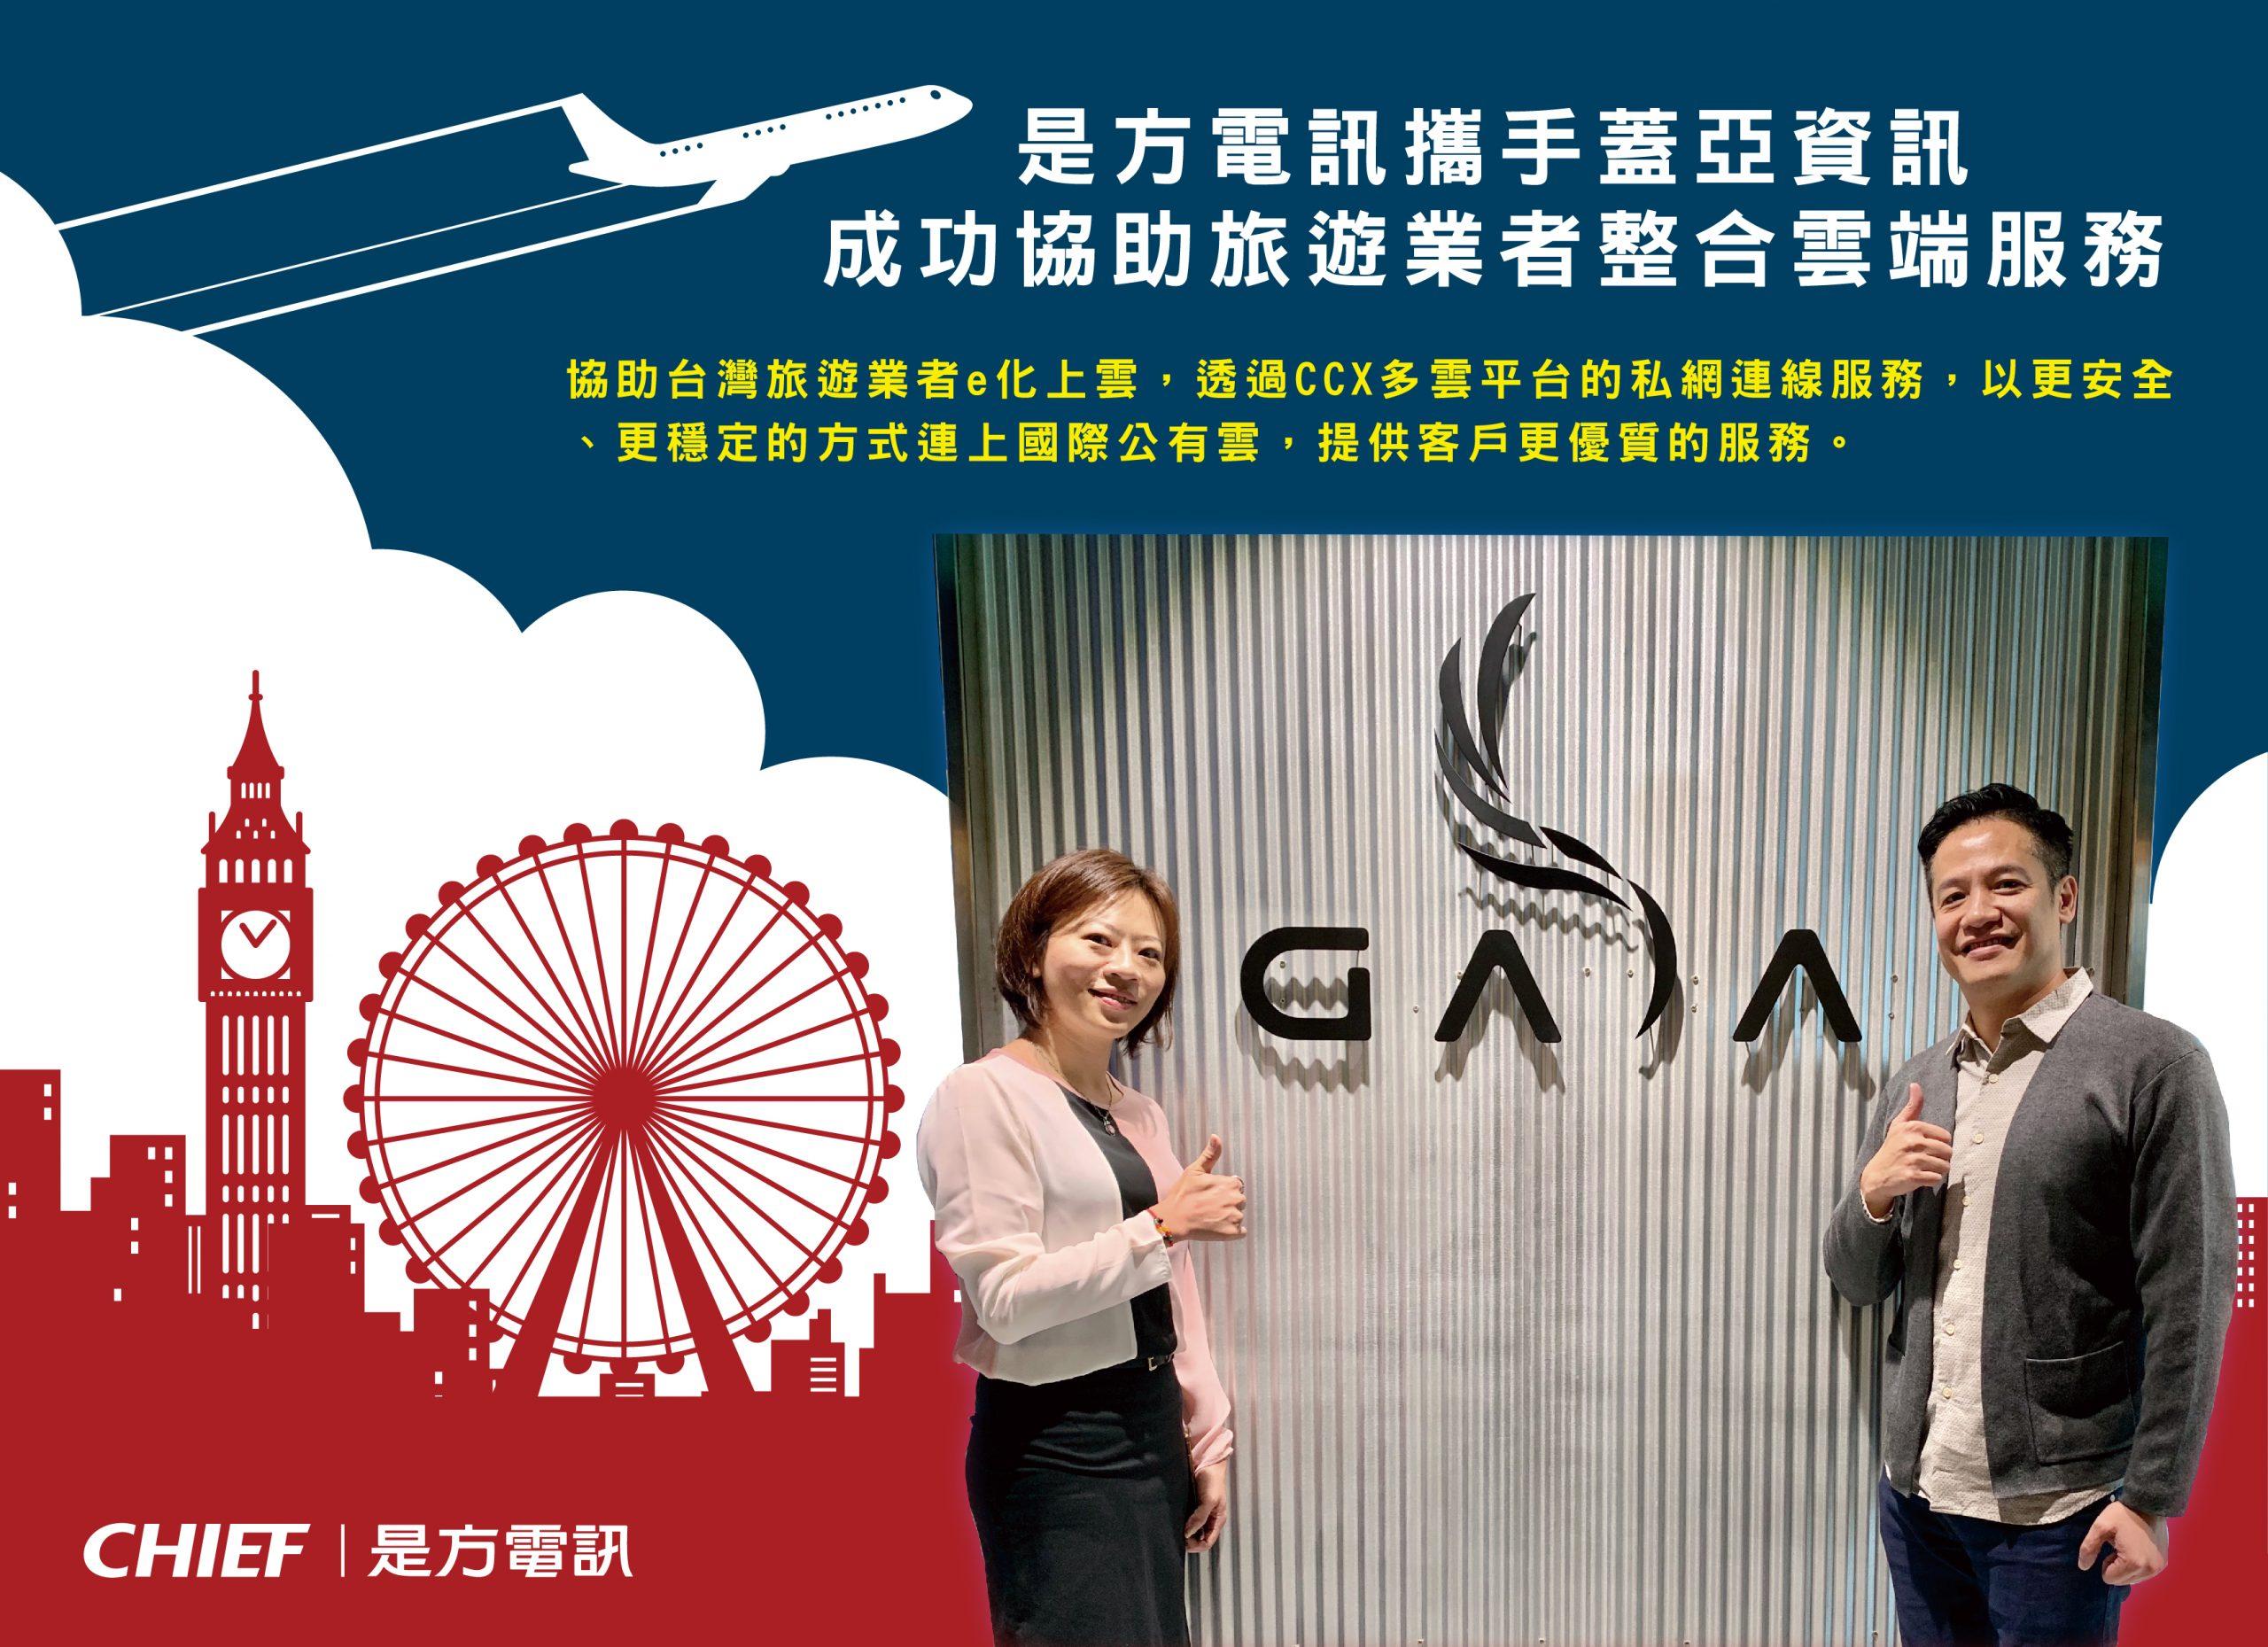 是方電訊國際業務部詹倩如(左)與蓋亞資訊執行長吳炳鈞(右)成功協助旅遊業者整合雲端服務。